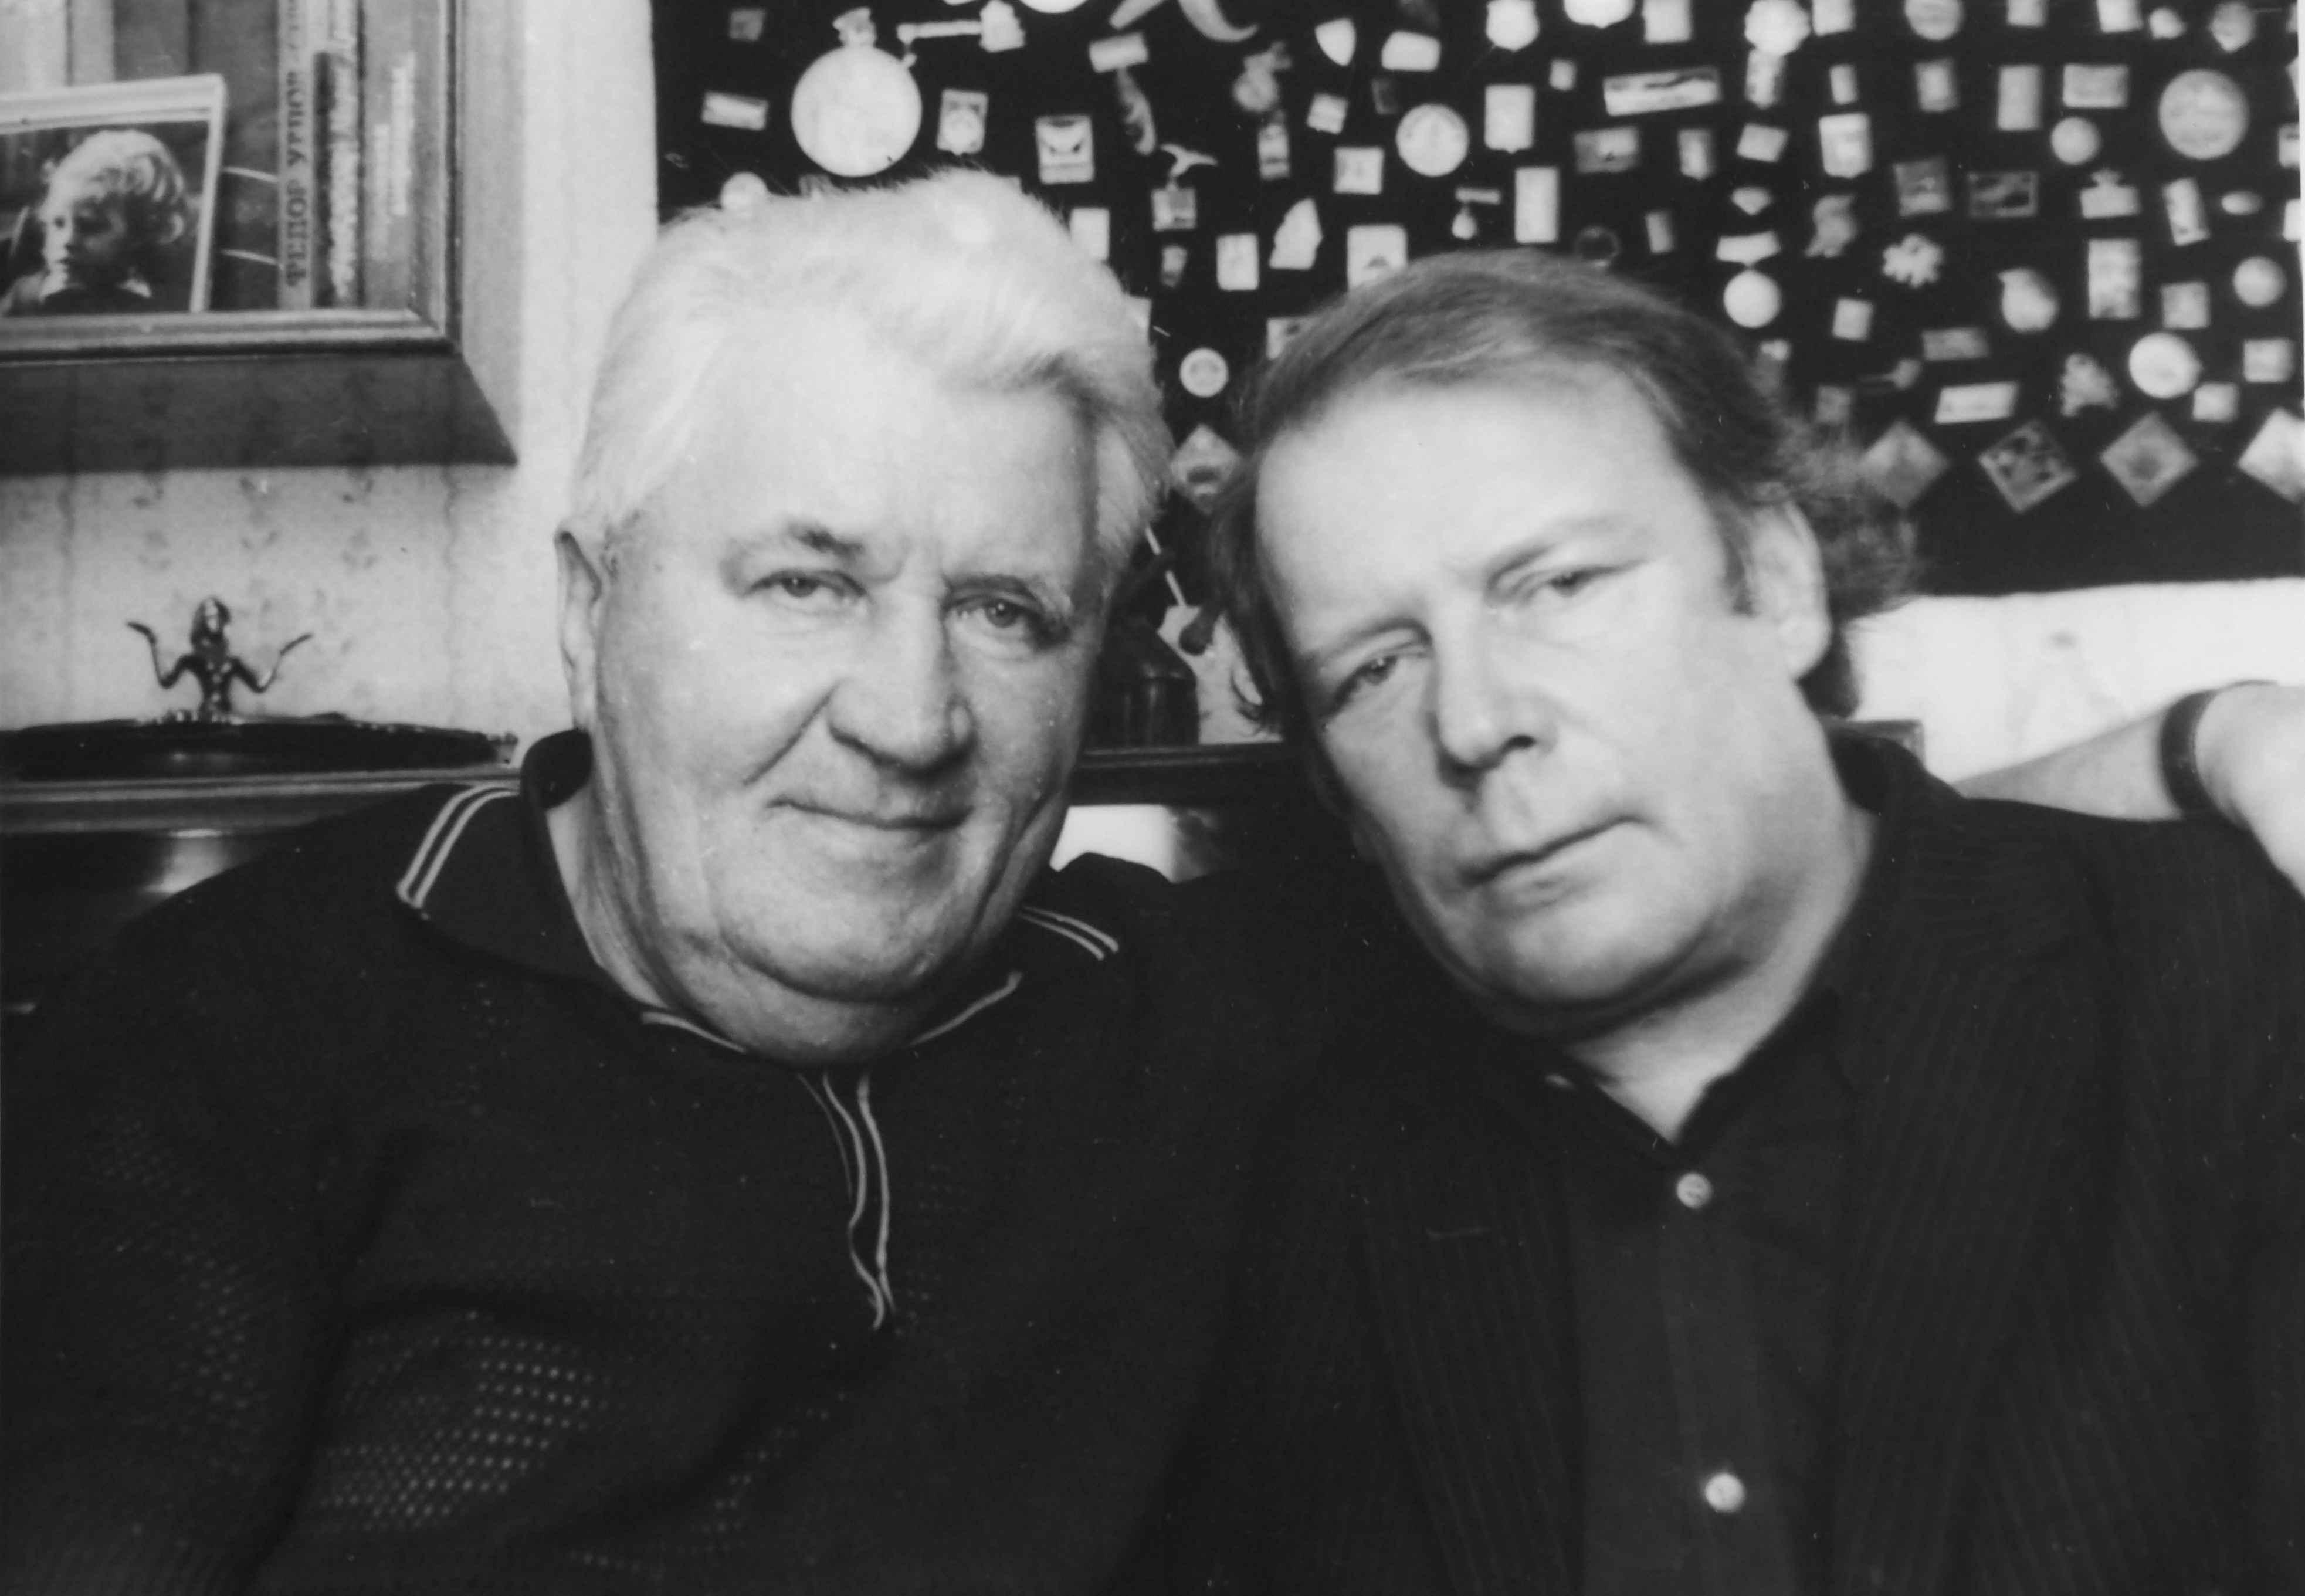 Экспонат #24. Евгеений Марфель с коллегой и другом Сергеем Киселёвым. 80-е годы